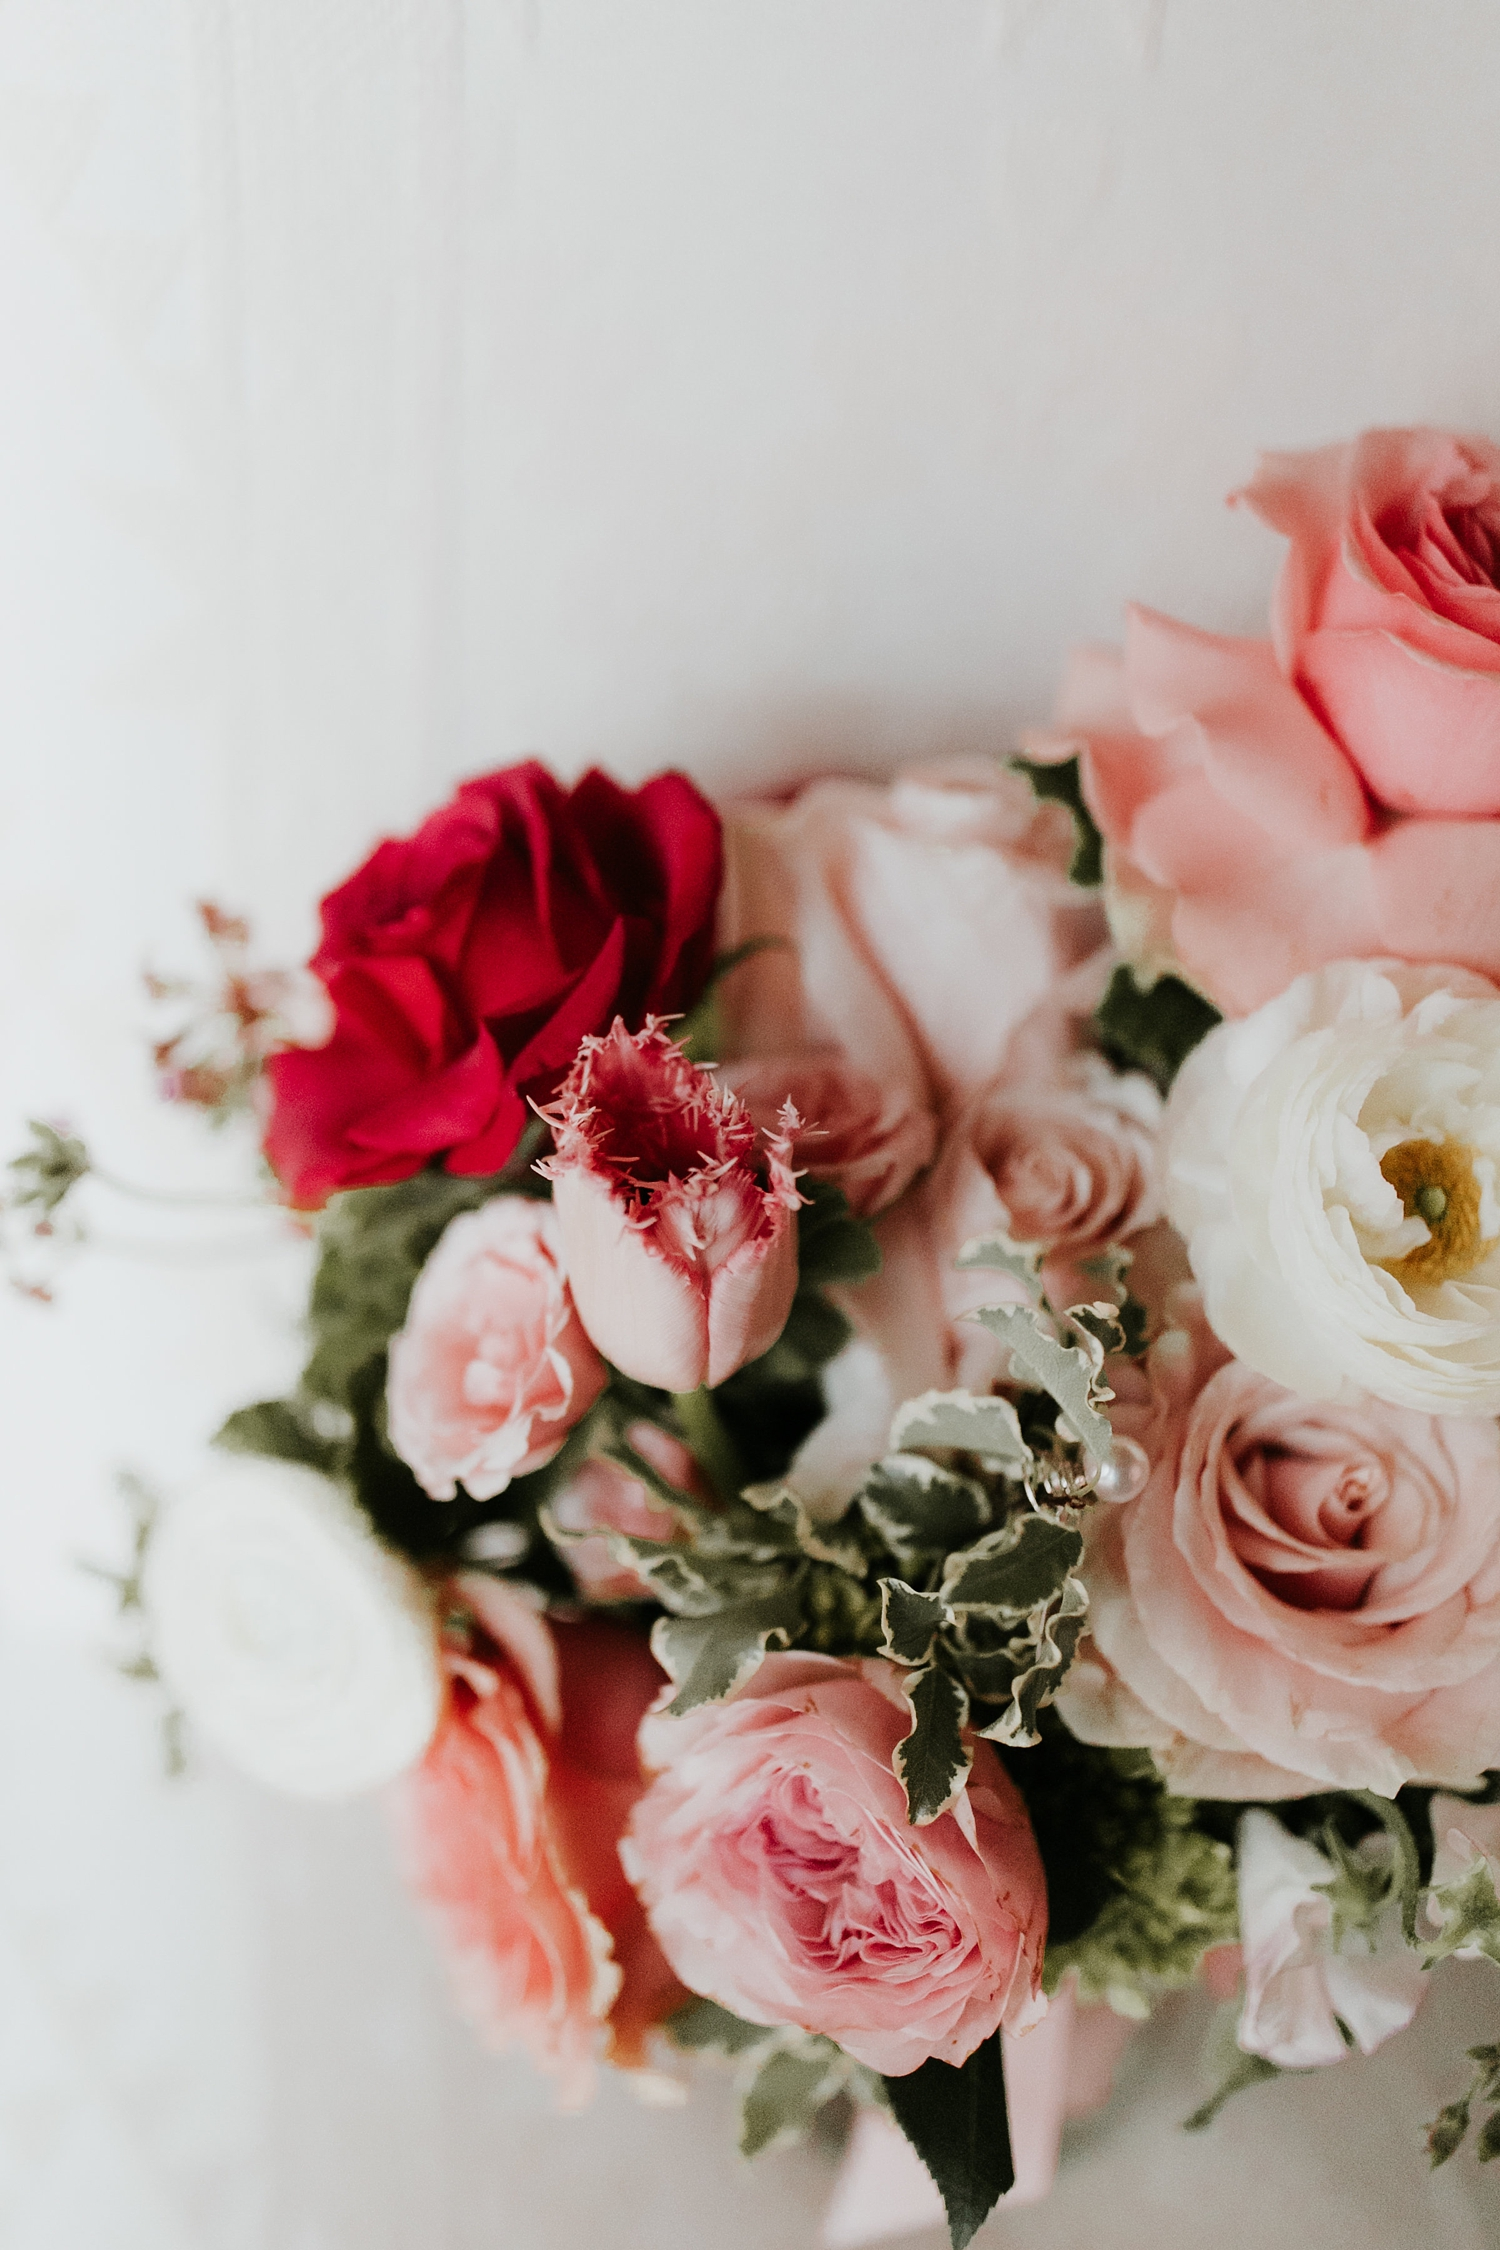 Alicia+lucia+photography+-+albuquerque+wedding+photographer+-+santa+fe+wedding+photography+-+new+mexico+wedding+photographer+-+new+mexico+engagement+-+la+mesita+ranch+wedding+-+la+mesita+ranch+spring+wedding_0006.jpg